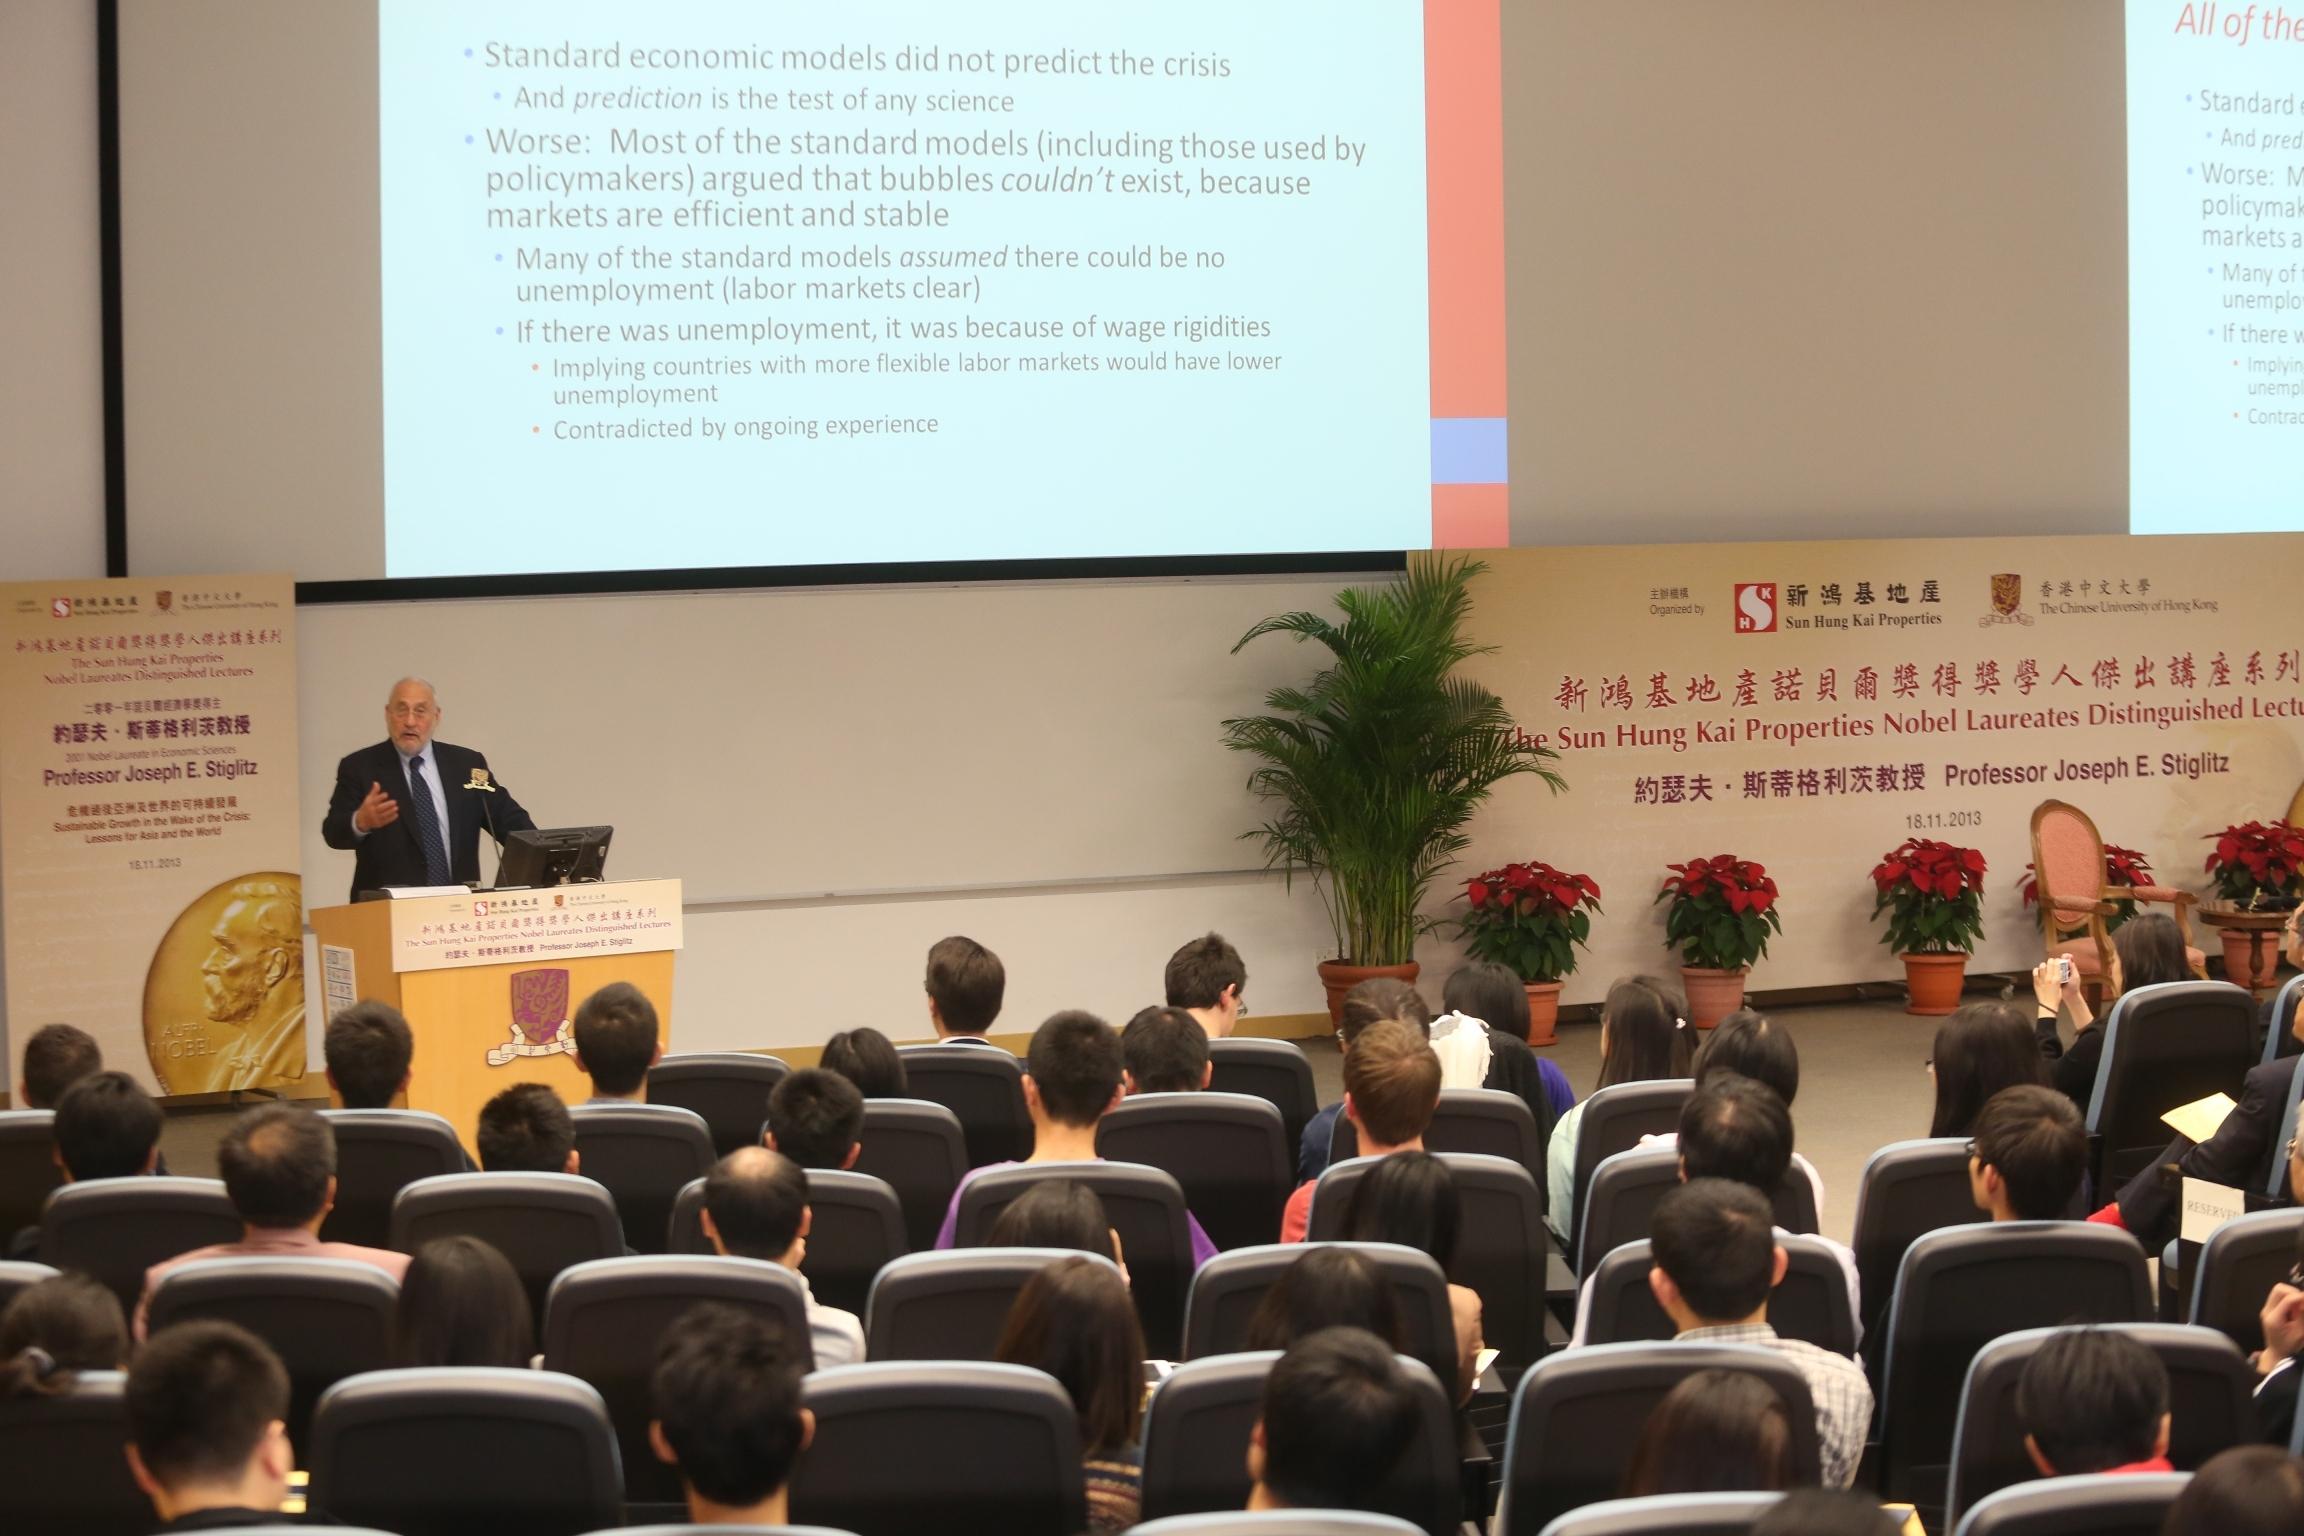 講座吸引約600名嘉賓出席。